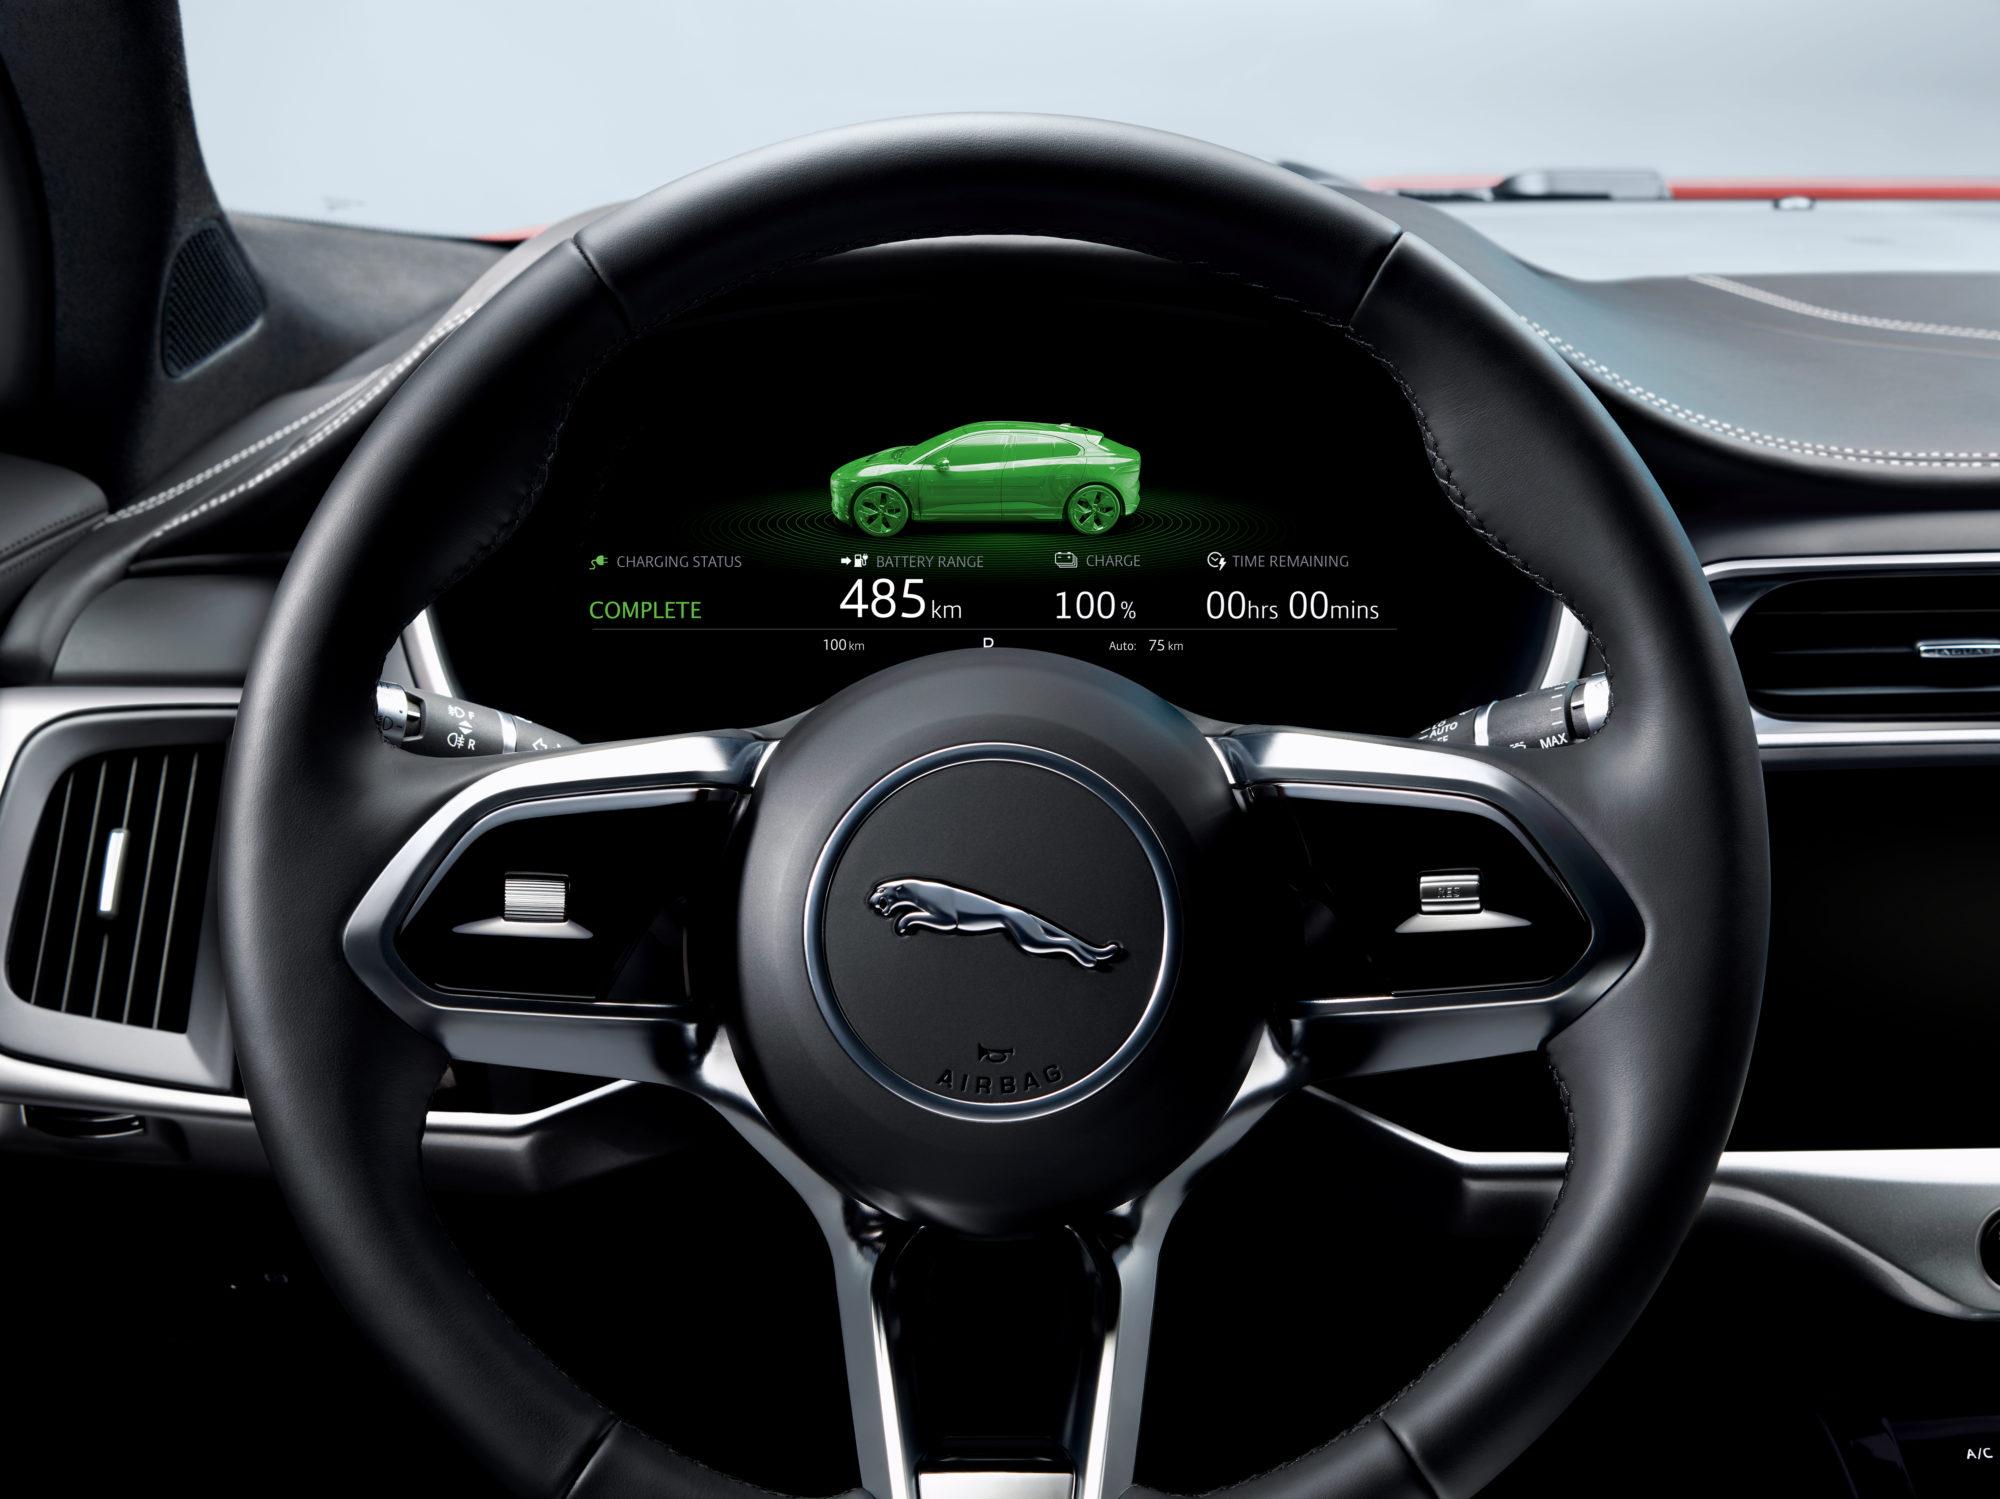 Voll geladen reicht die Batteriekapazität für bis zu 480 km